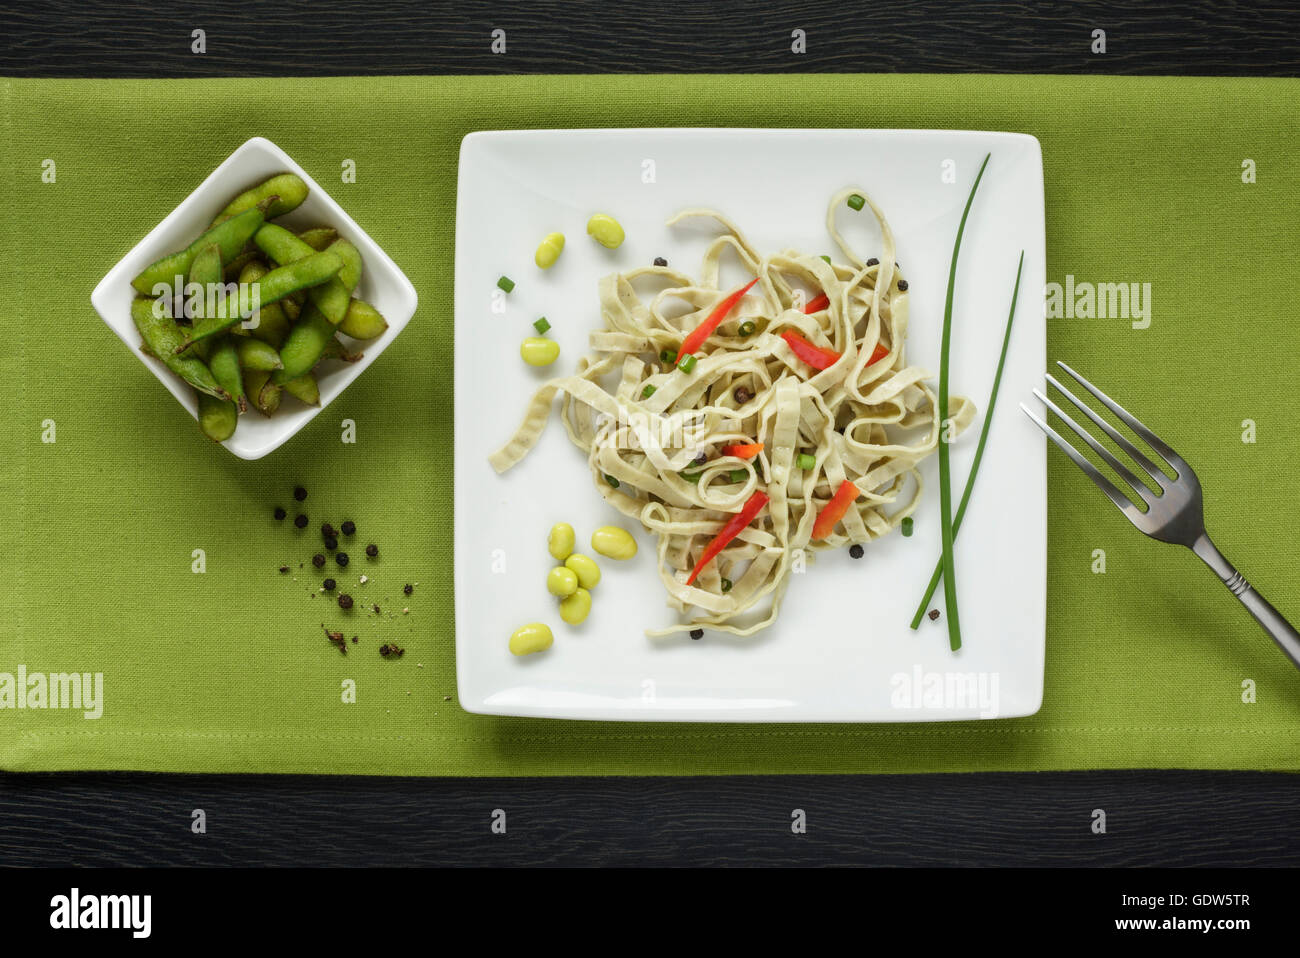 Fagioli Edamame Edamame e insalata di pasta Immagini Stock